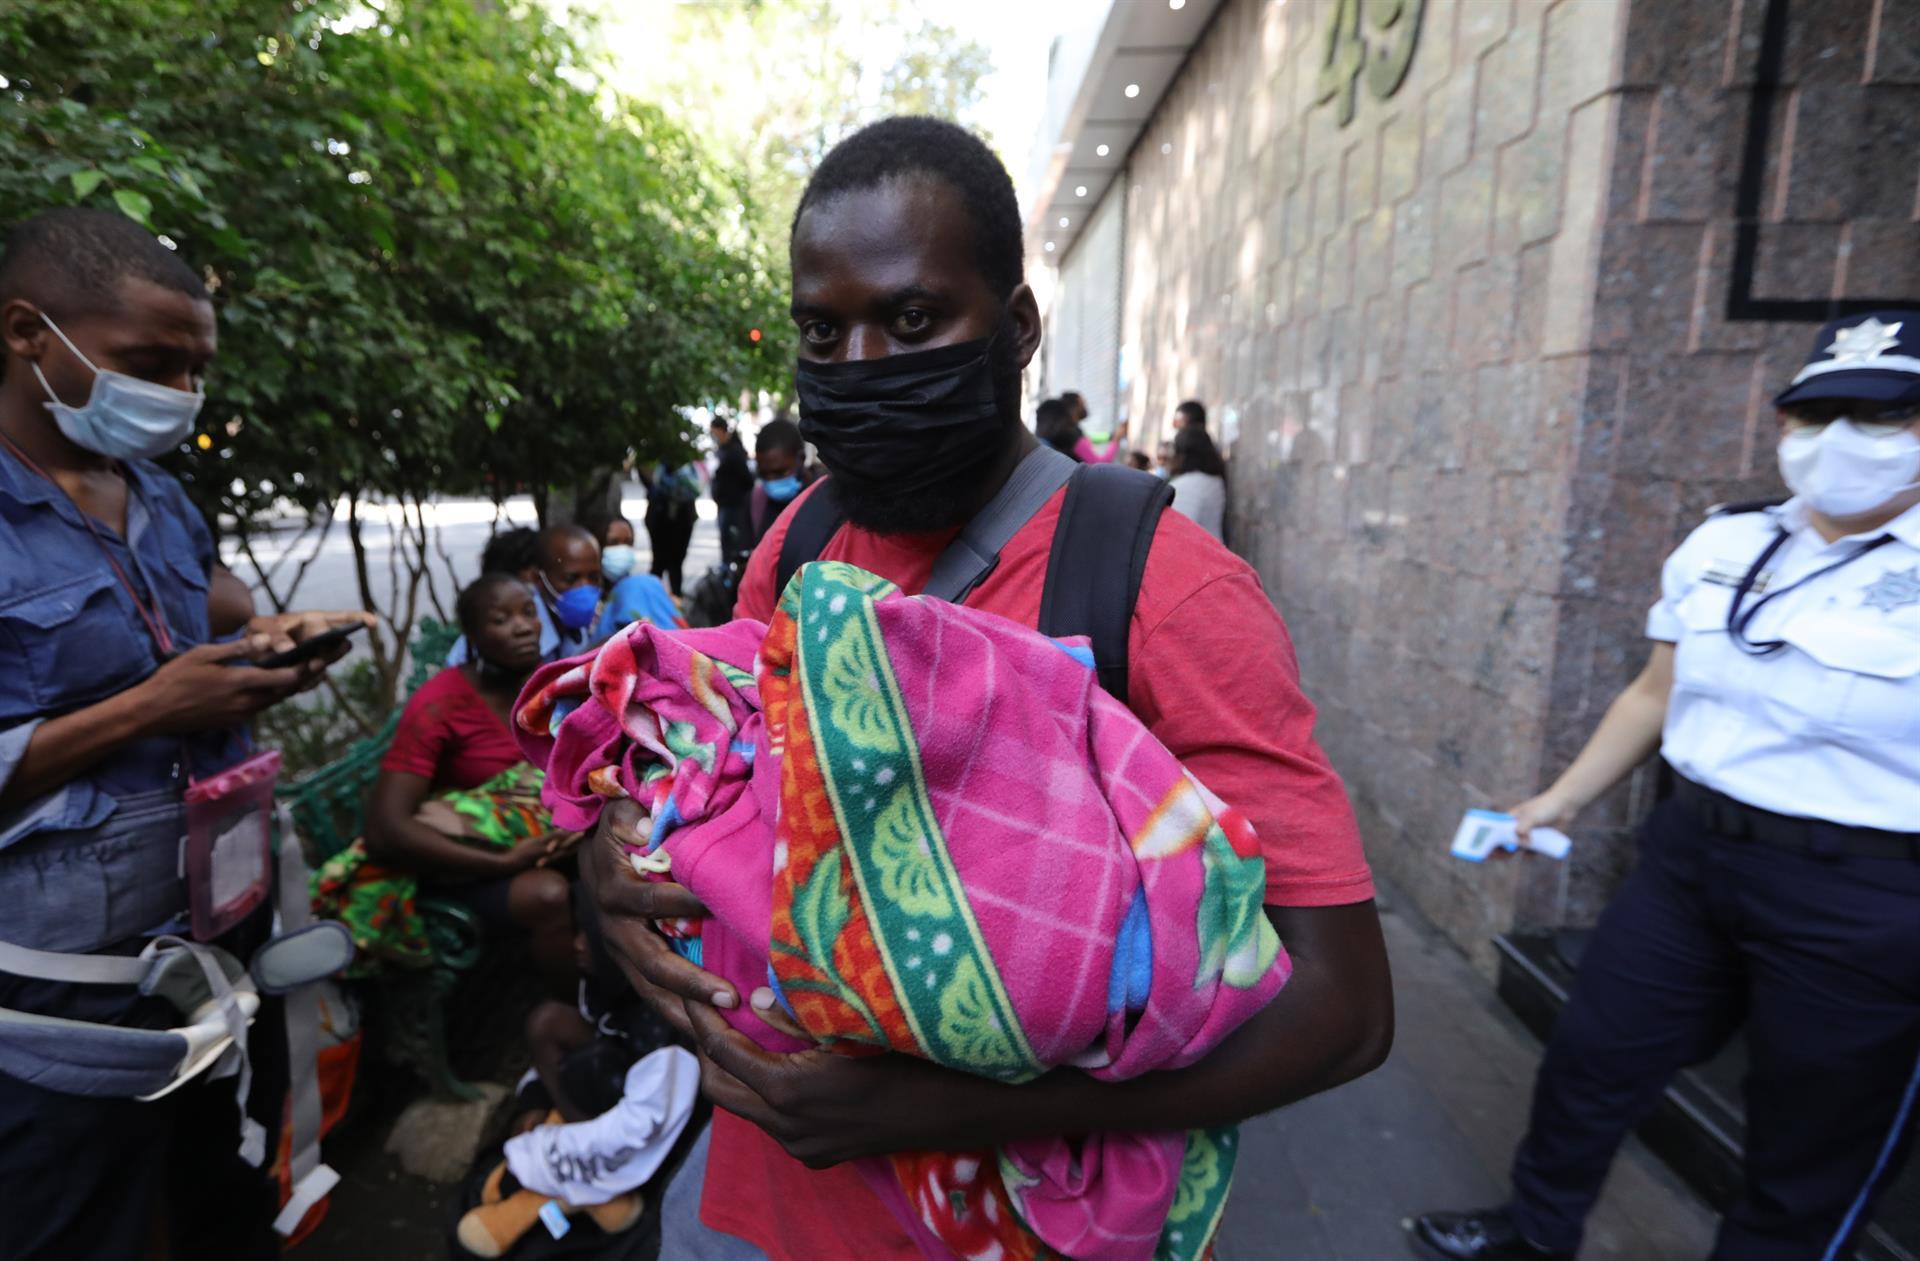 Éxodo de haitianos presiona controles migratorios en Panamá